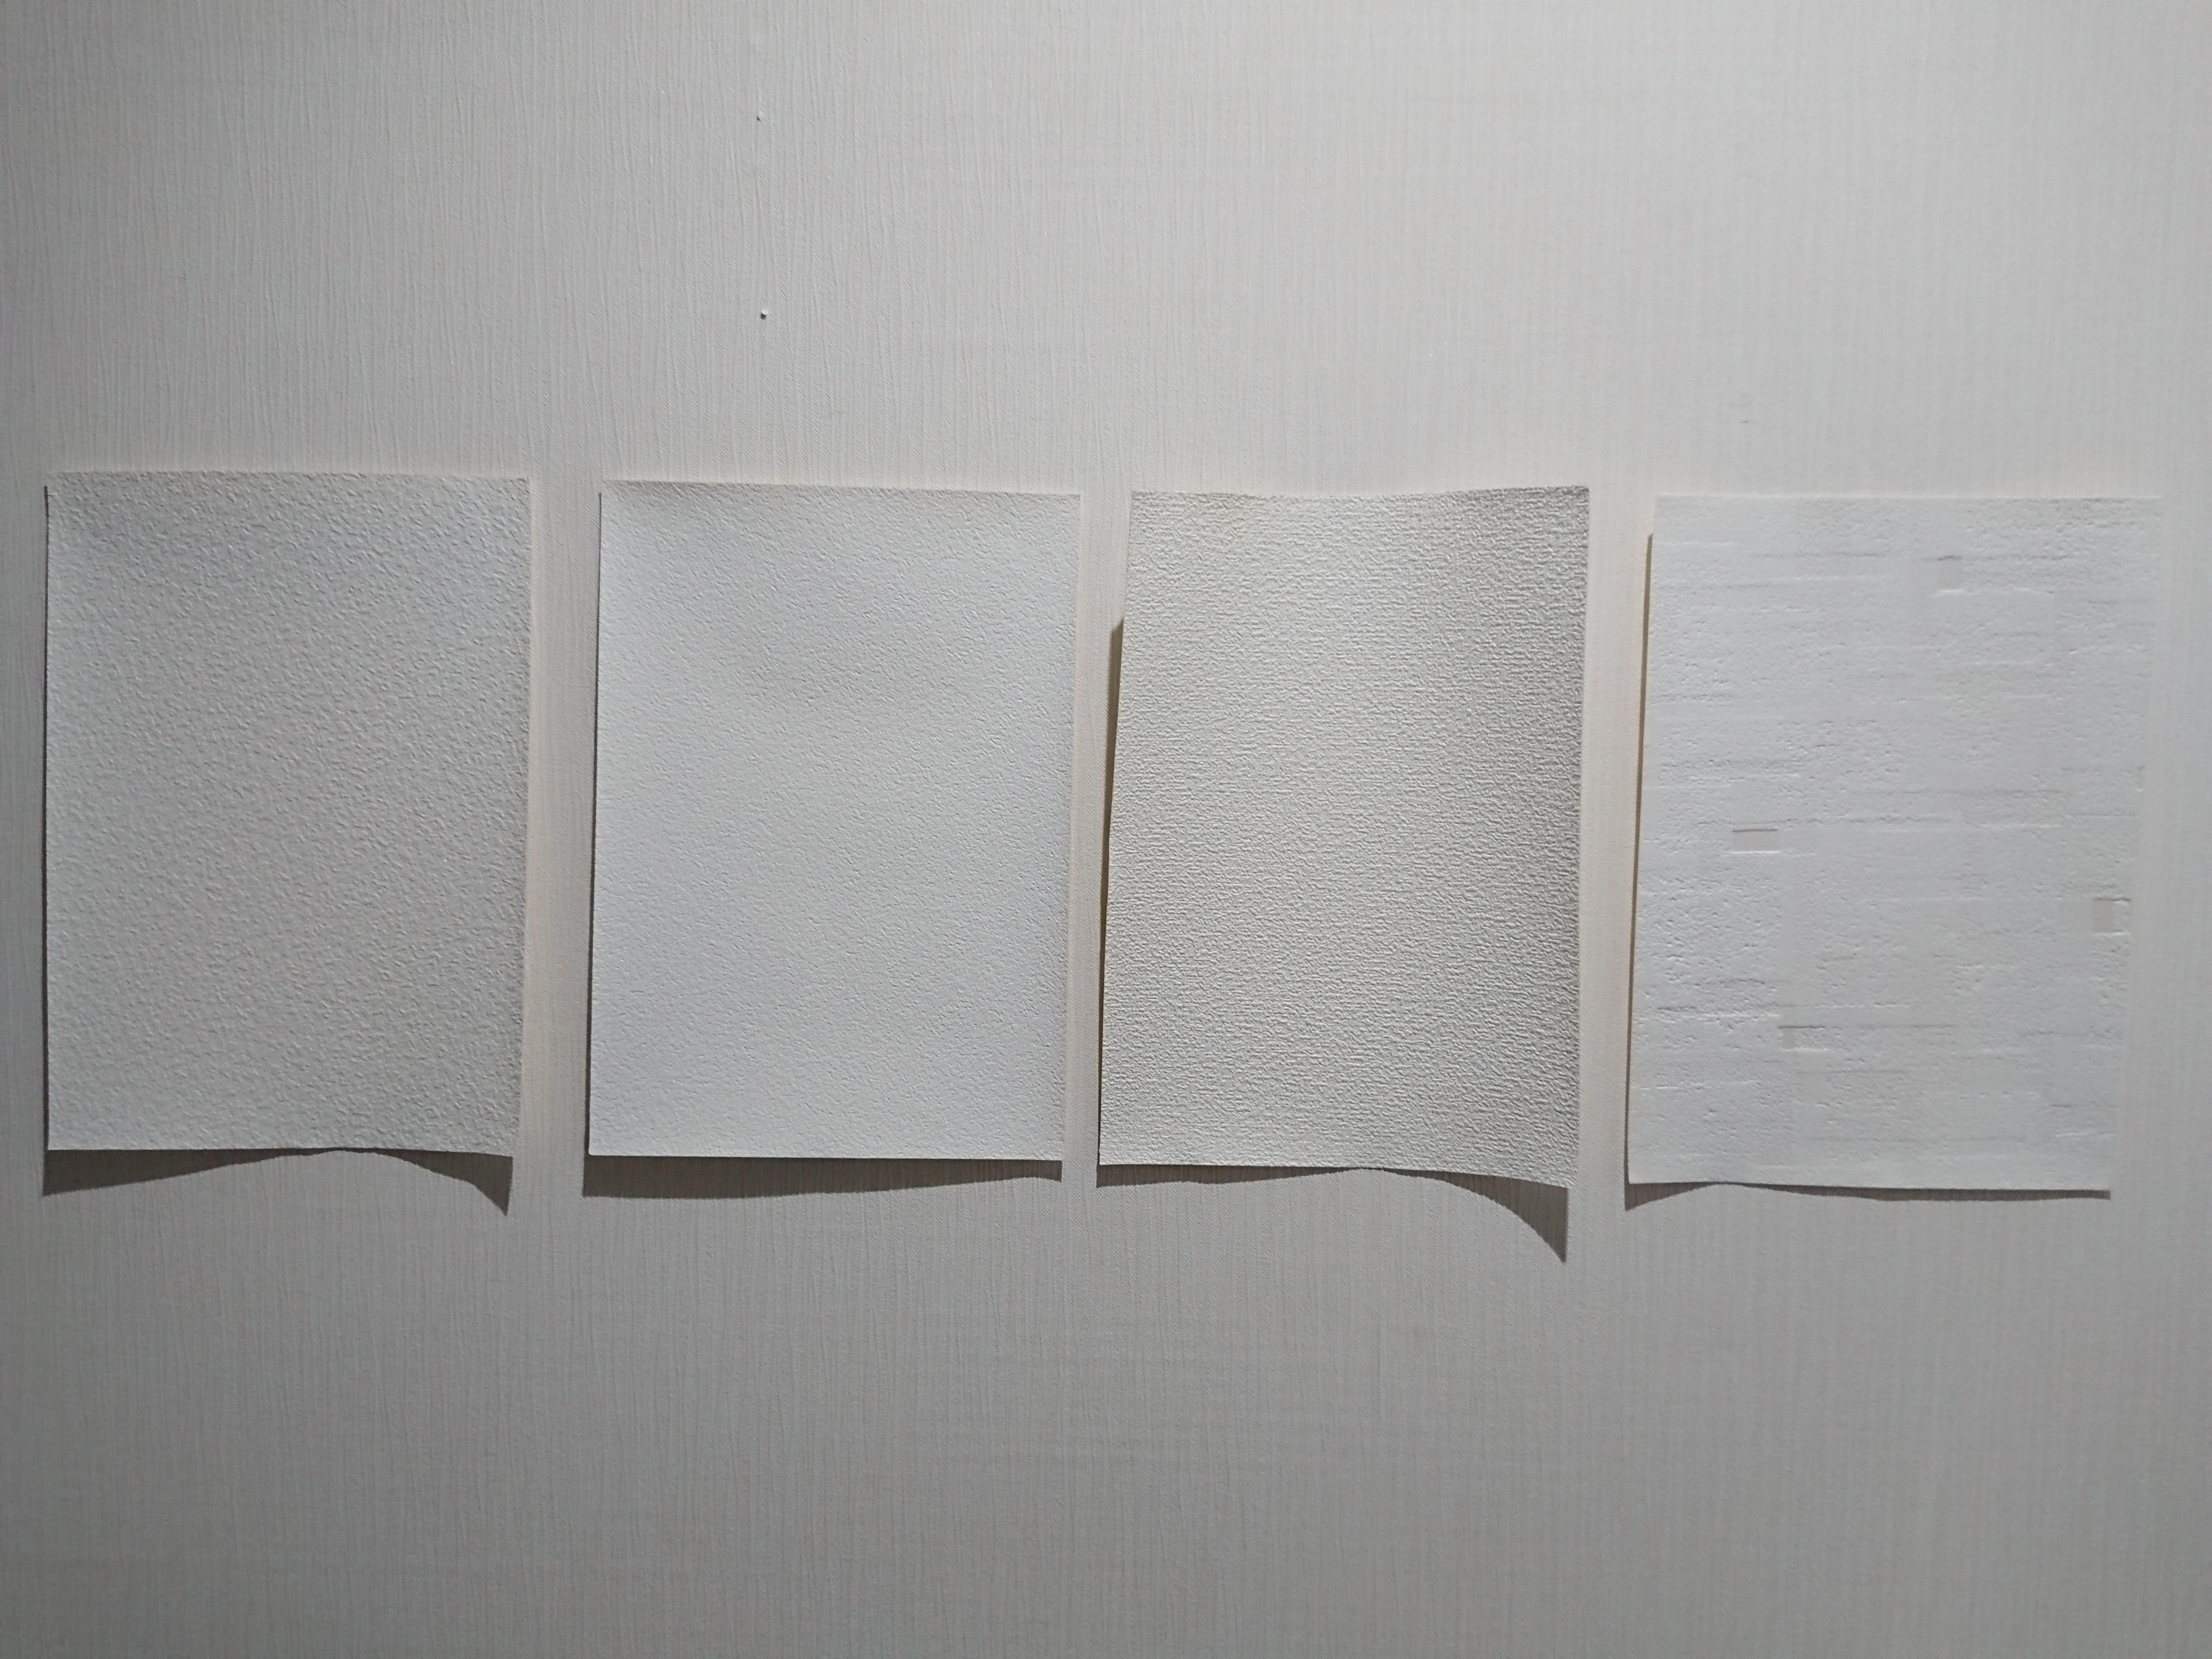 サンゲツショールームレポ 基本のホワイトクロス選び 織物調 塗り壁調 はるすけリっきっき